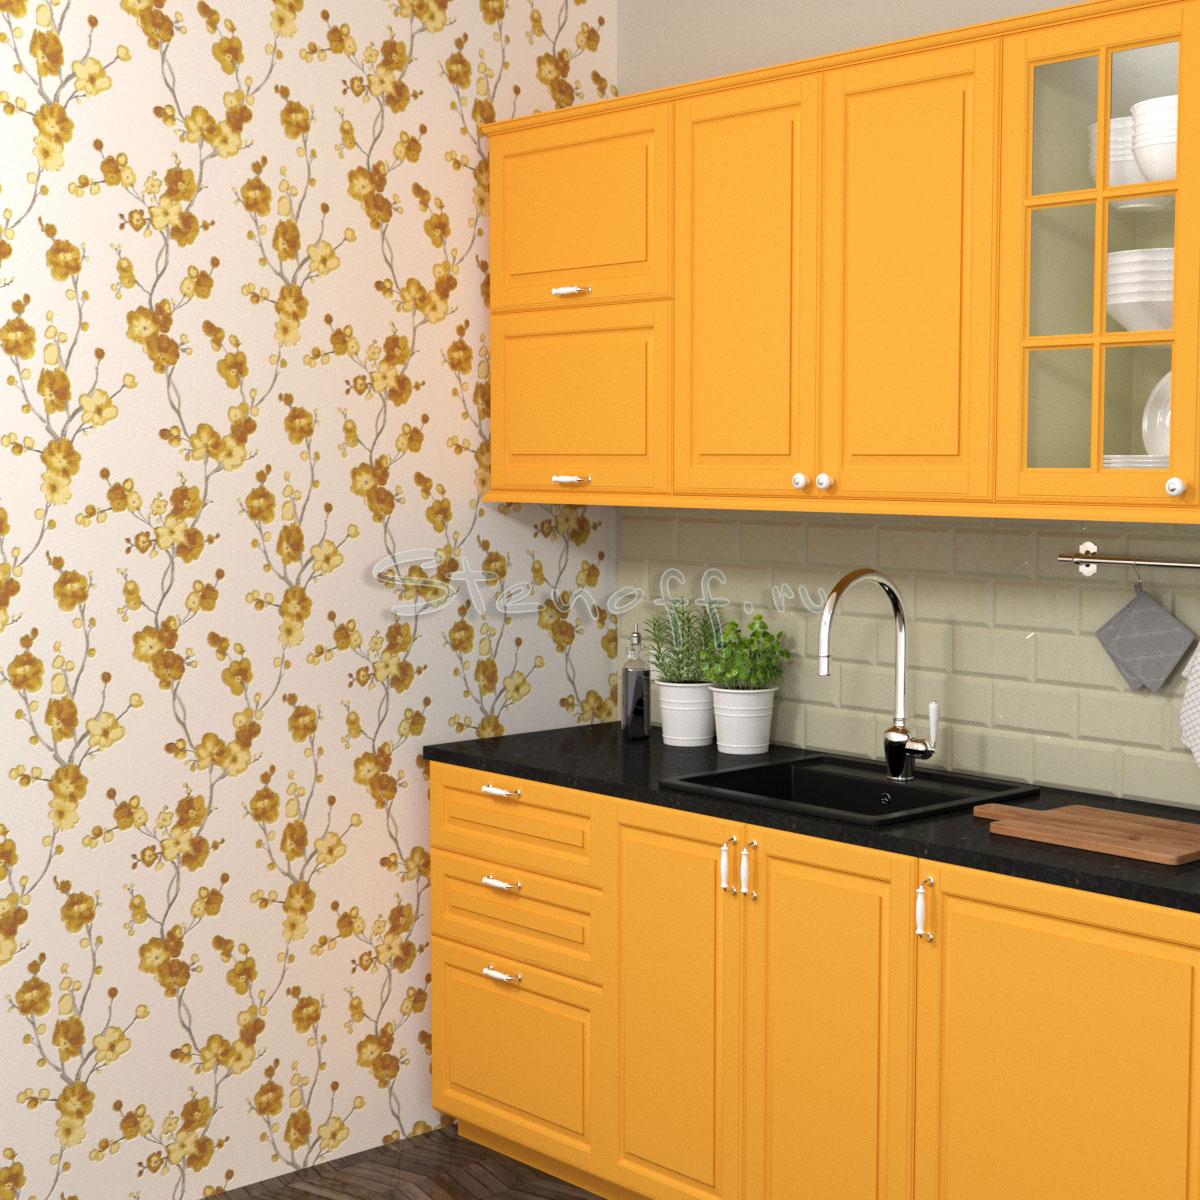 Оранжевая кухня и оранжевые обои